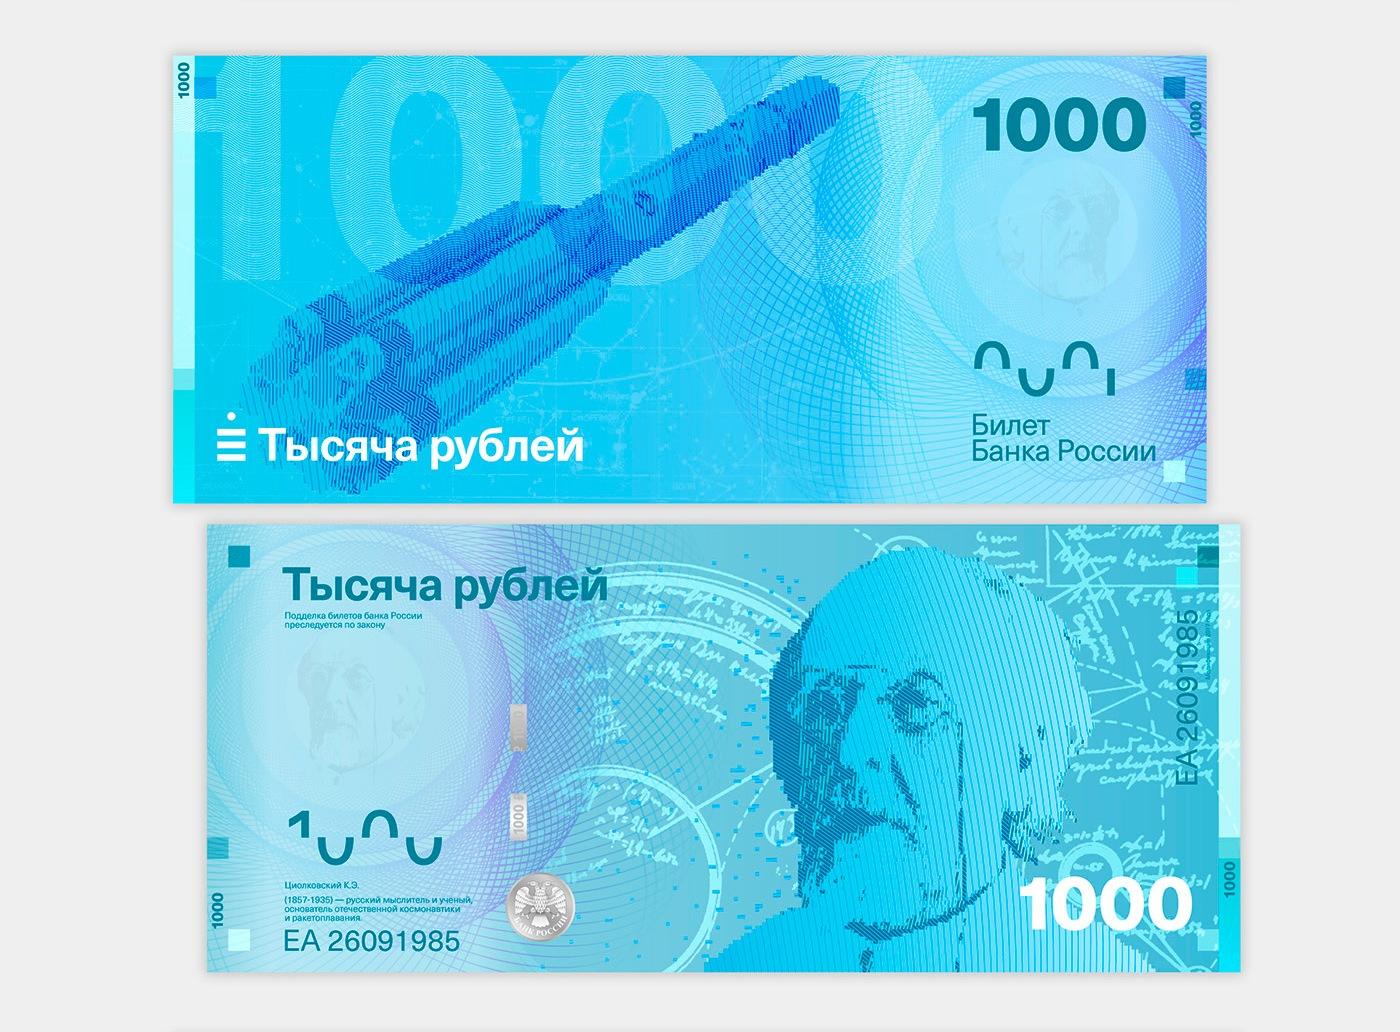 На купюре номиналом 1000 рублей — ученый Константин Циолковский